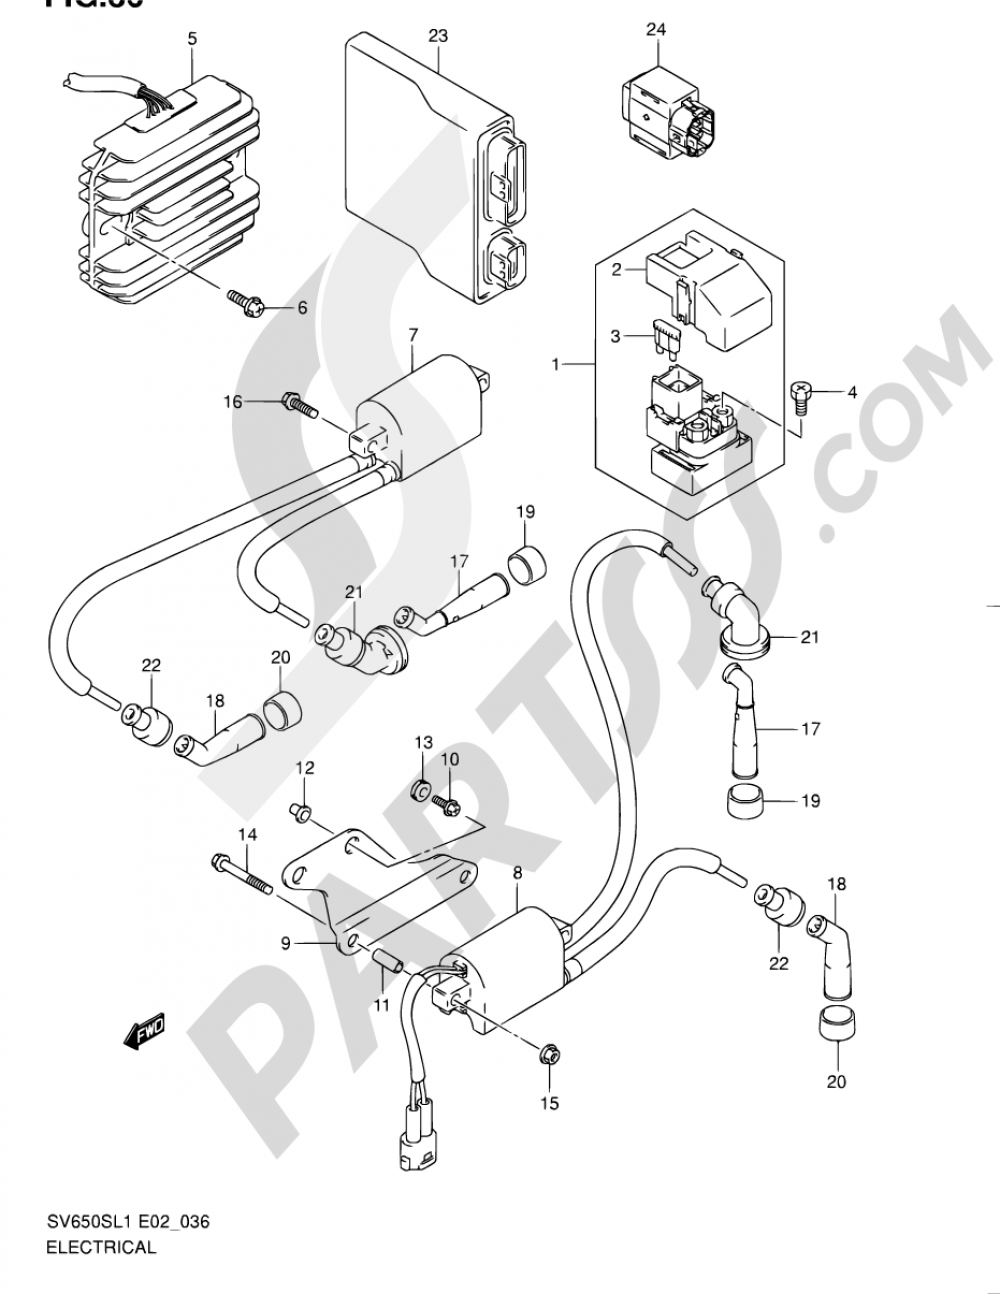 36 - ELECTRICAL (SV650SAL1 E24) Suzuki SV650S 2011